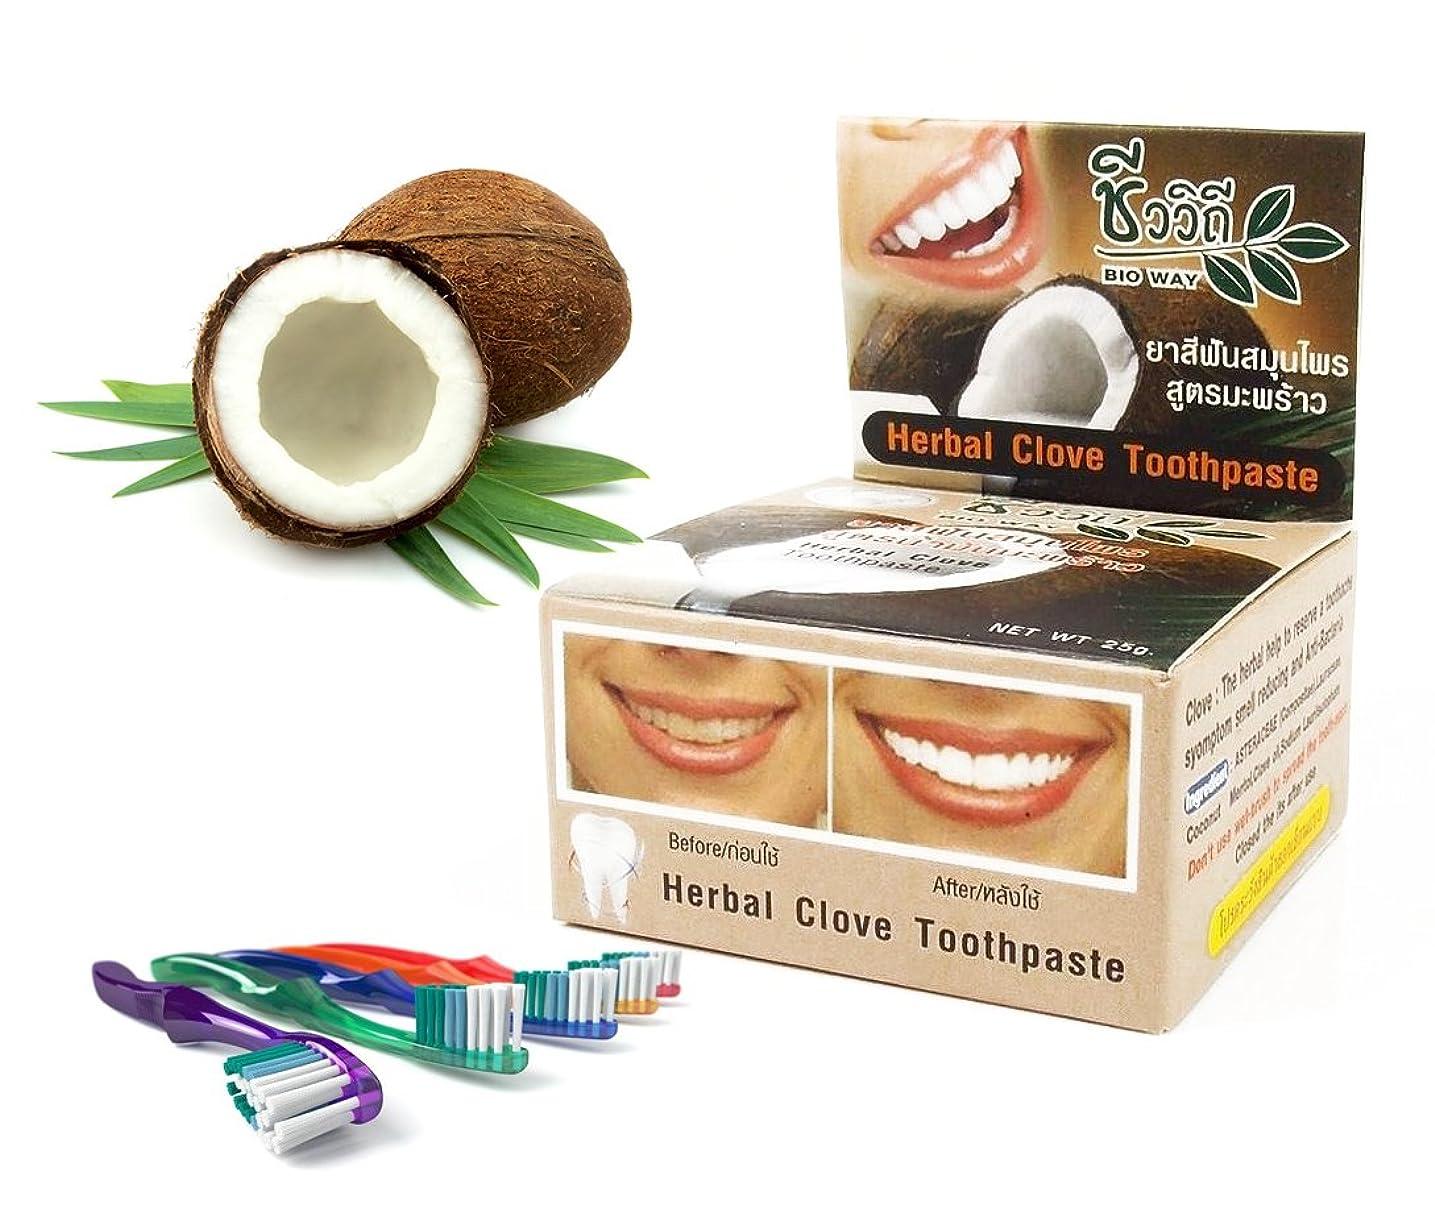 私の寄託基本的なMangos Teen. Toothpaste Coconut Natural Herbal Clove Teeth Whitening Help Eliminate Limestone Cigarette Coffee Reduced to have a Hypresensitive Tooth Anti Bacteria You have Fresh Breath for Along Time.